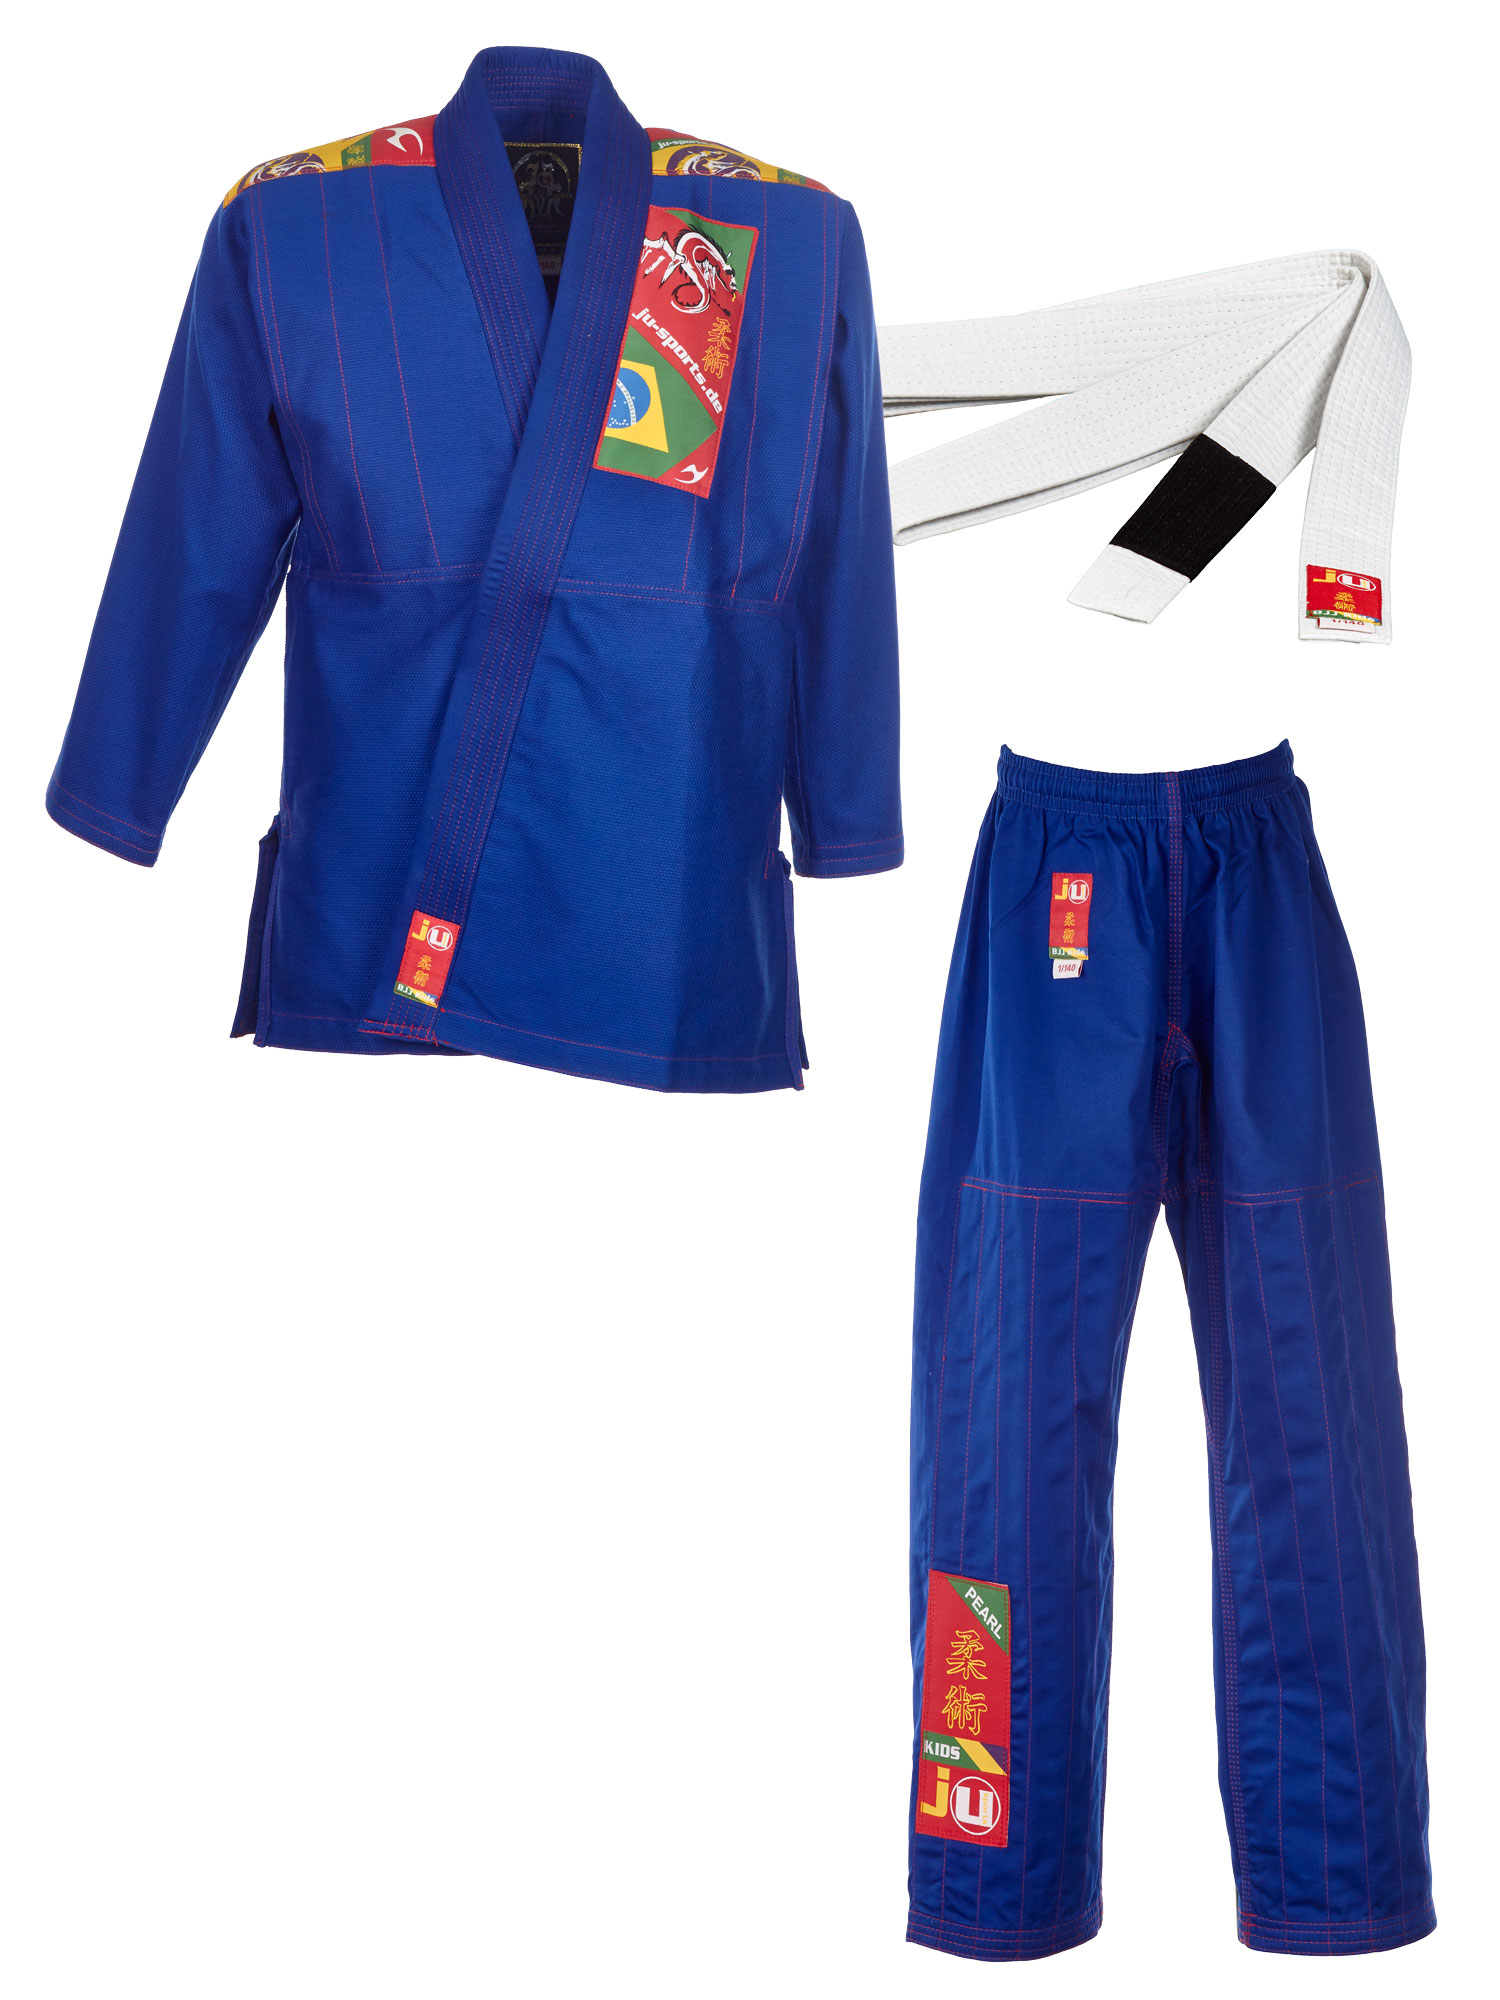 BJJ-Anzug Kids blau